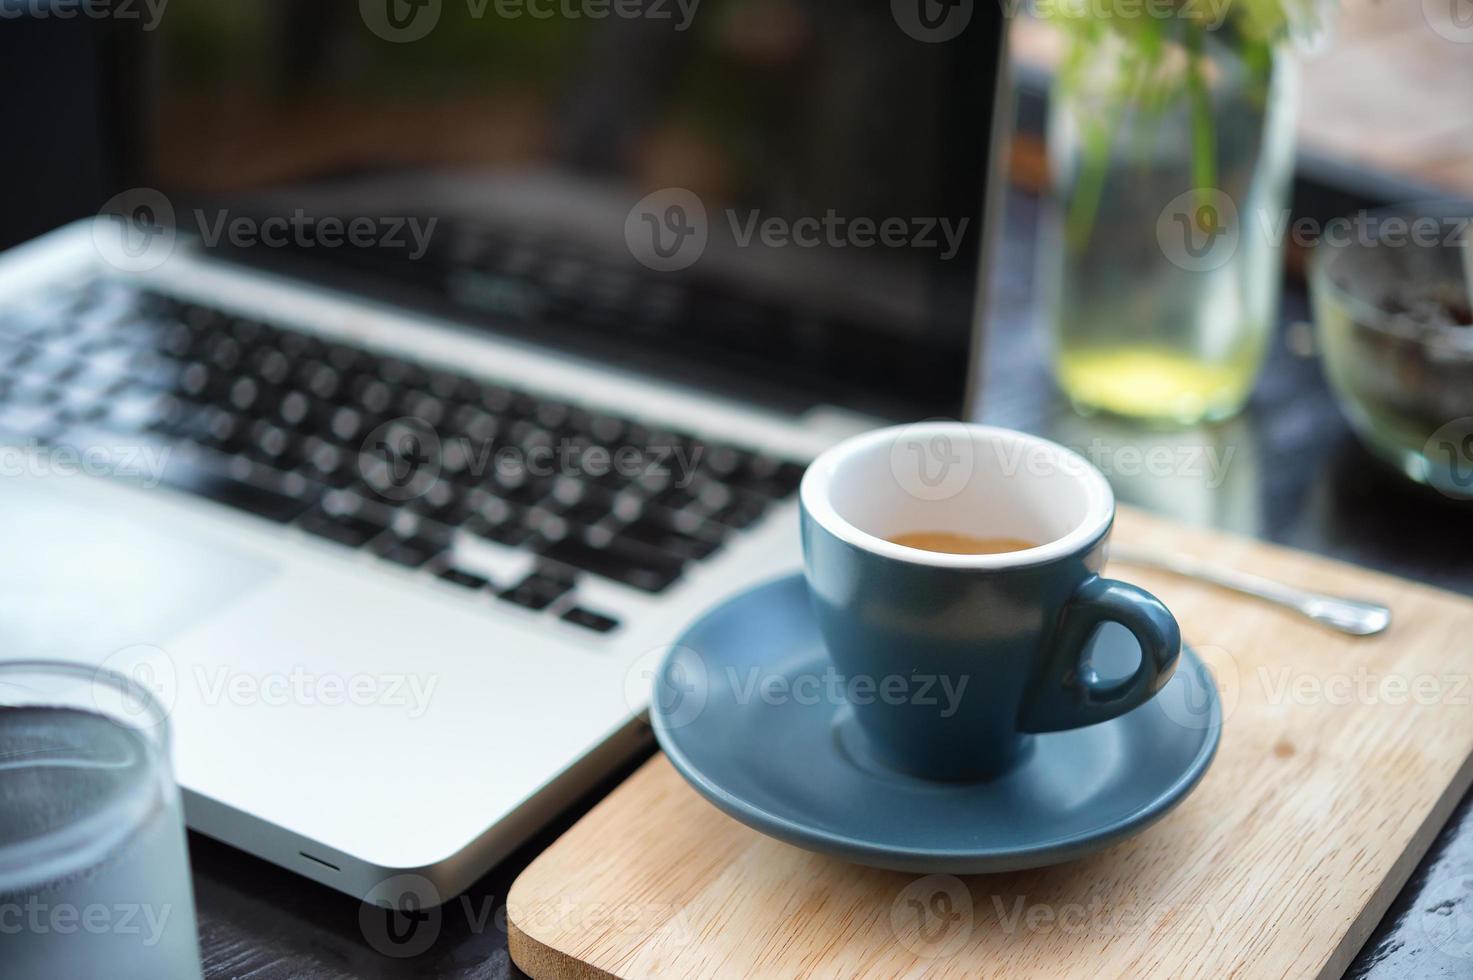 arbetstid. varmt kaffe, espesso med laptop. affärsidé foto